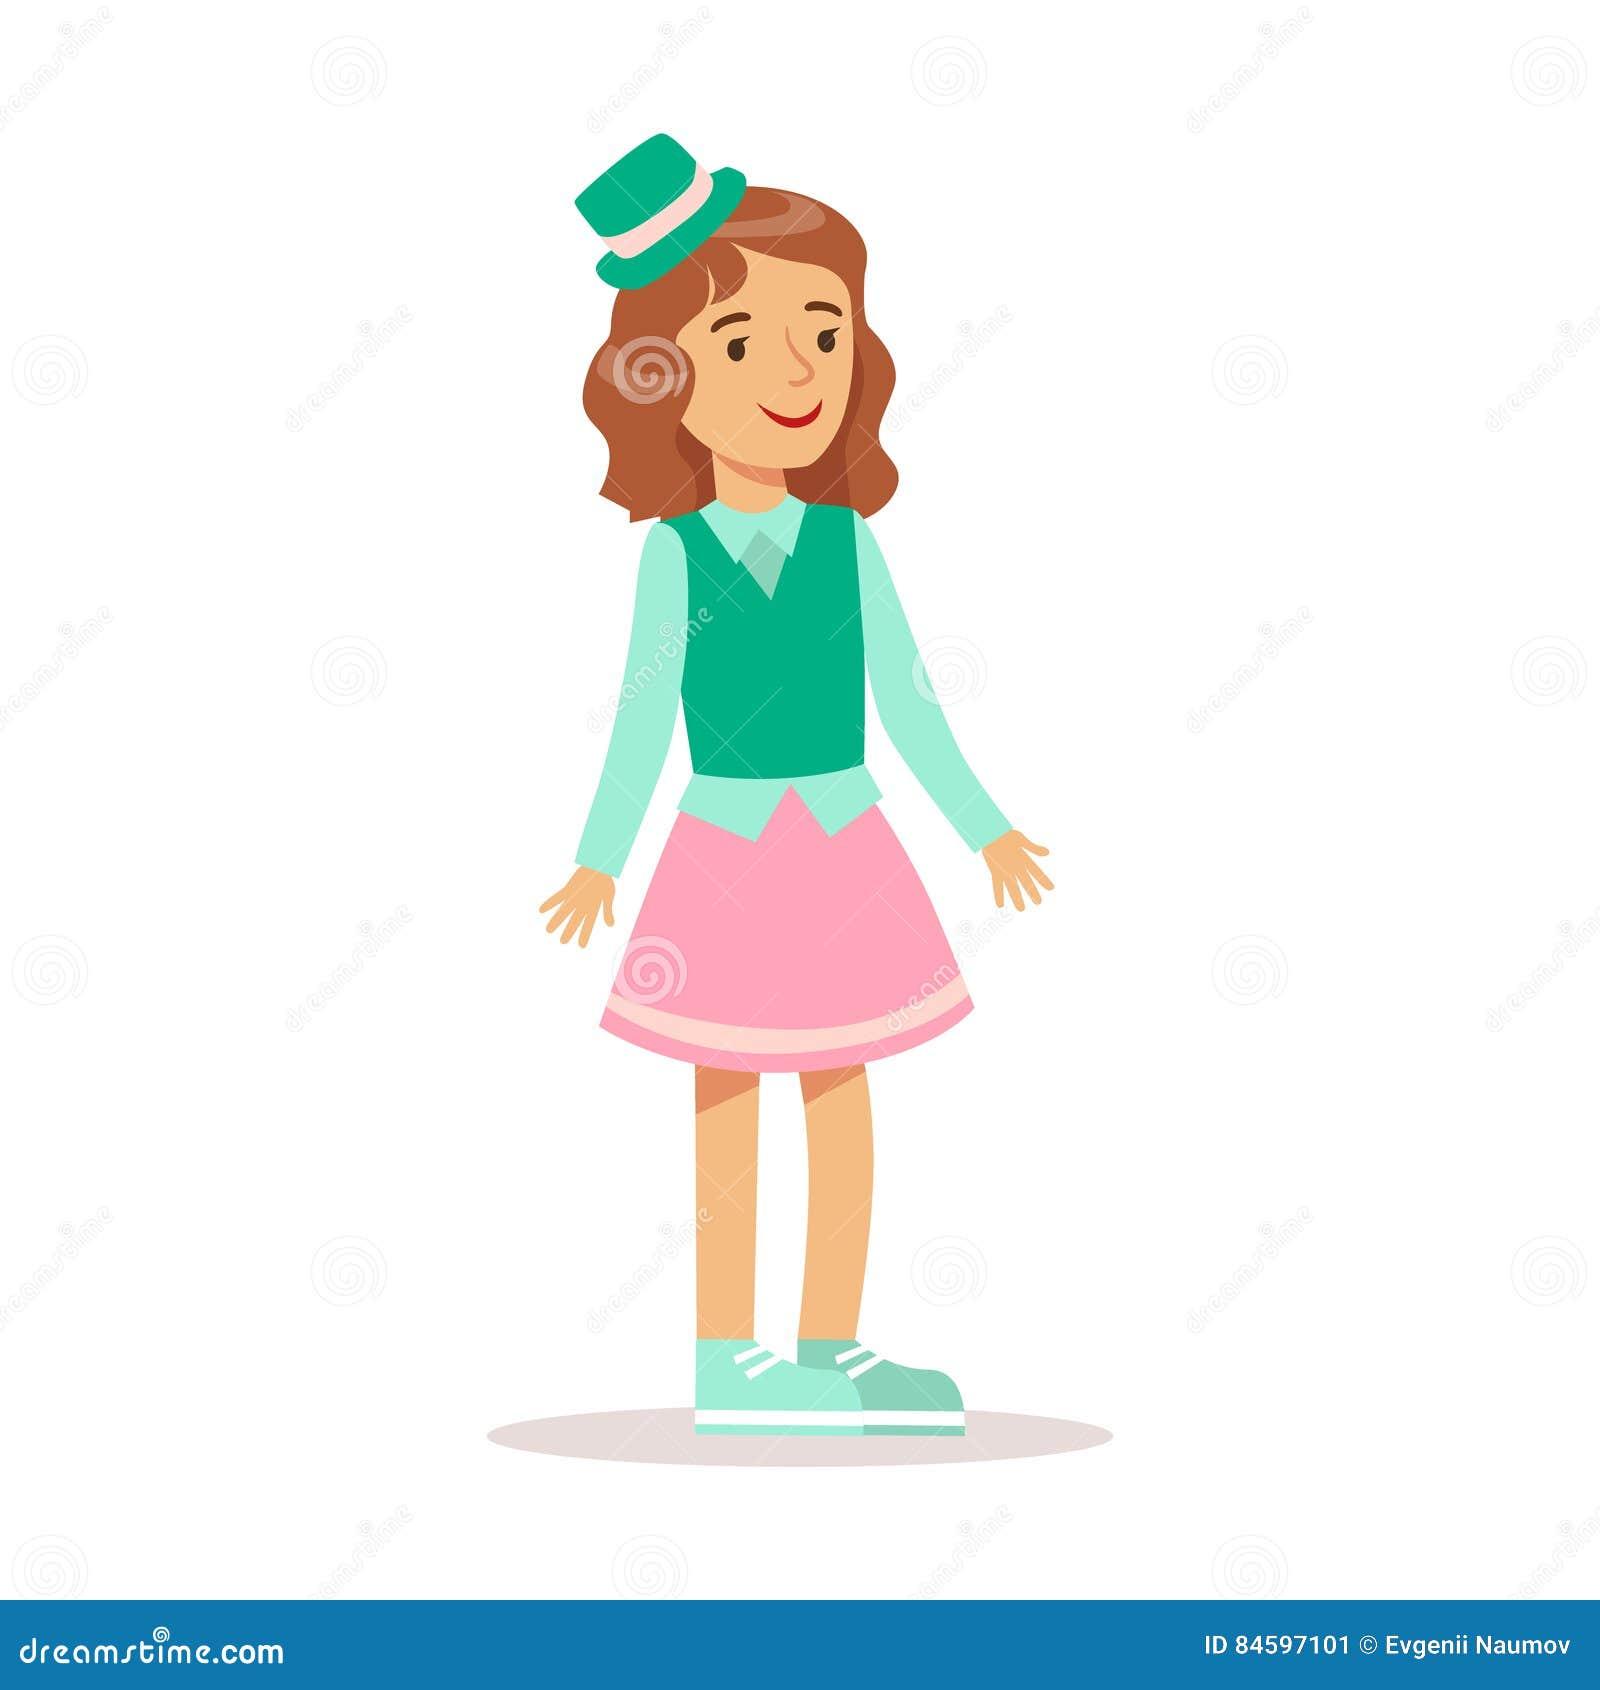 fille heureuse dans des v tements girly classiques de couleur avec le personnage de dessin anim. Black Bedroom Furniture Sets. Home Design Ideas